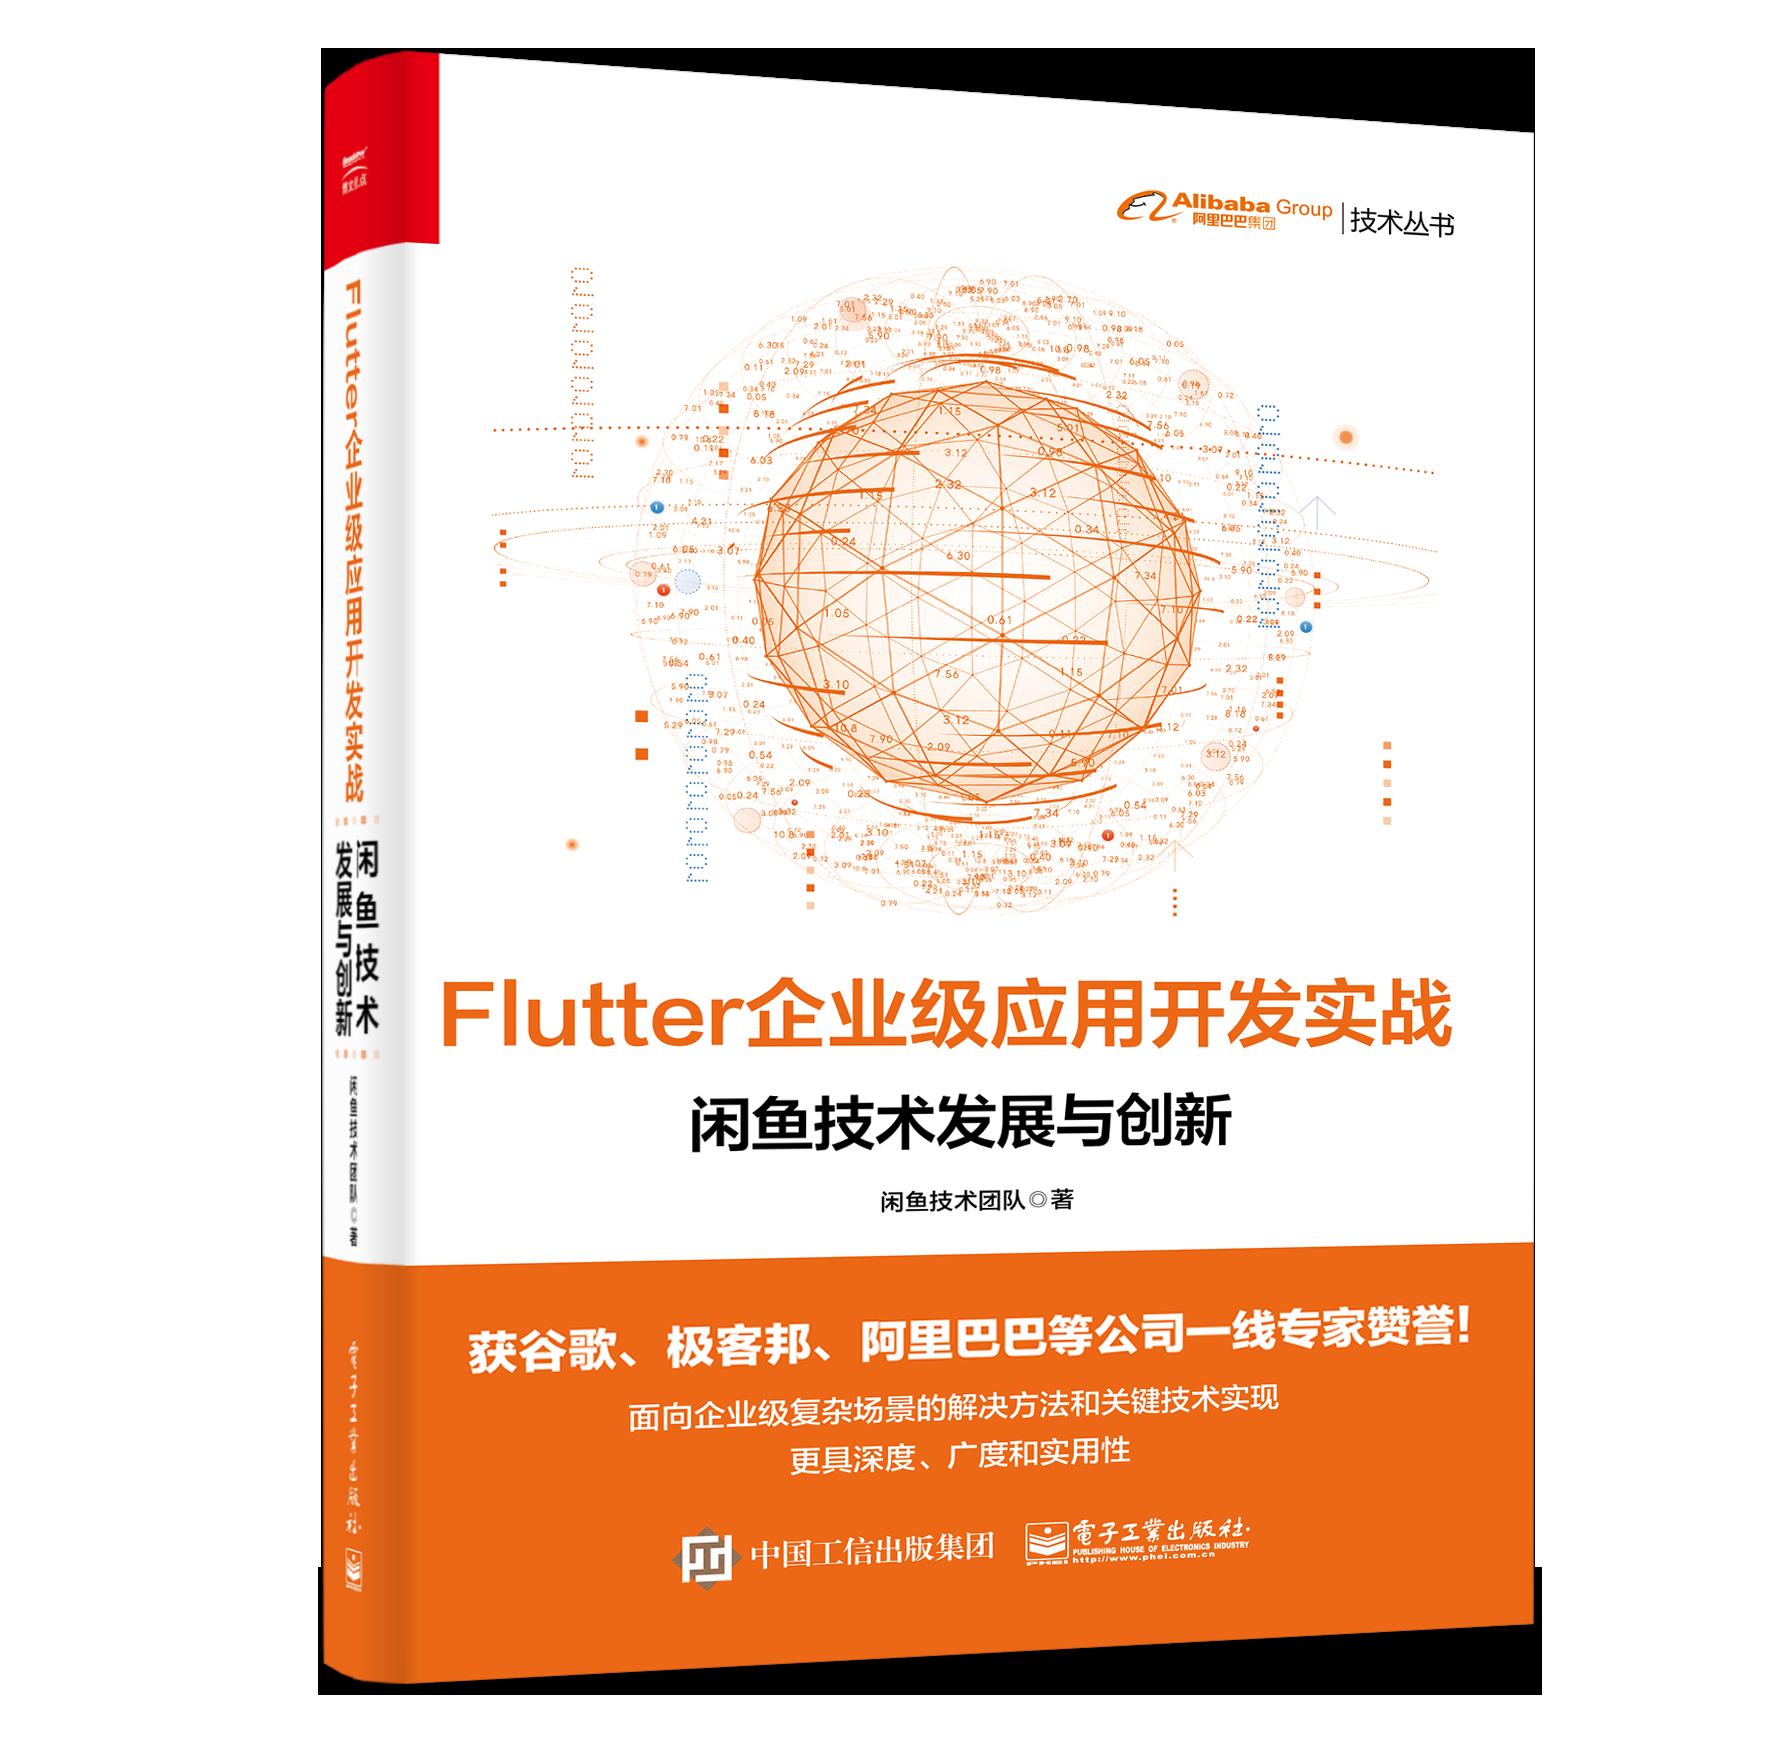 Flutter企业级应用开发实战-定稿fm(1).png